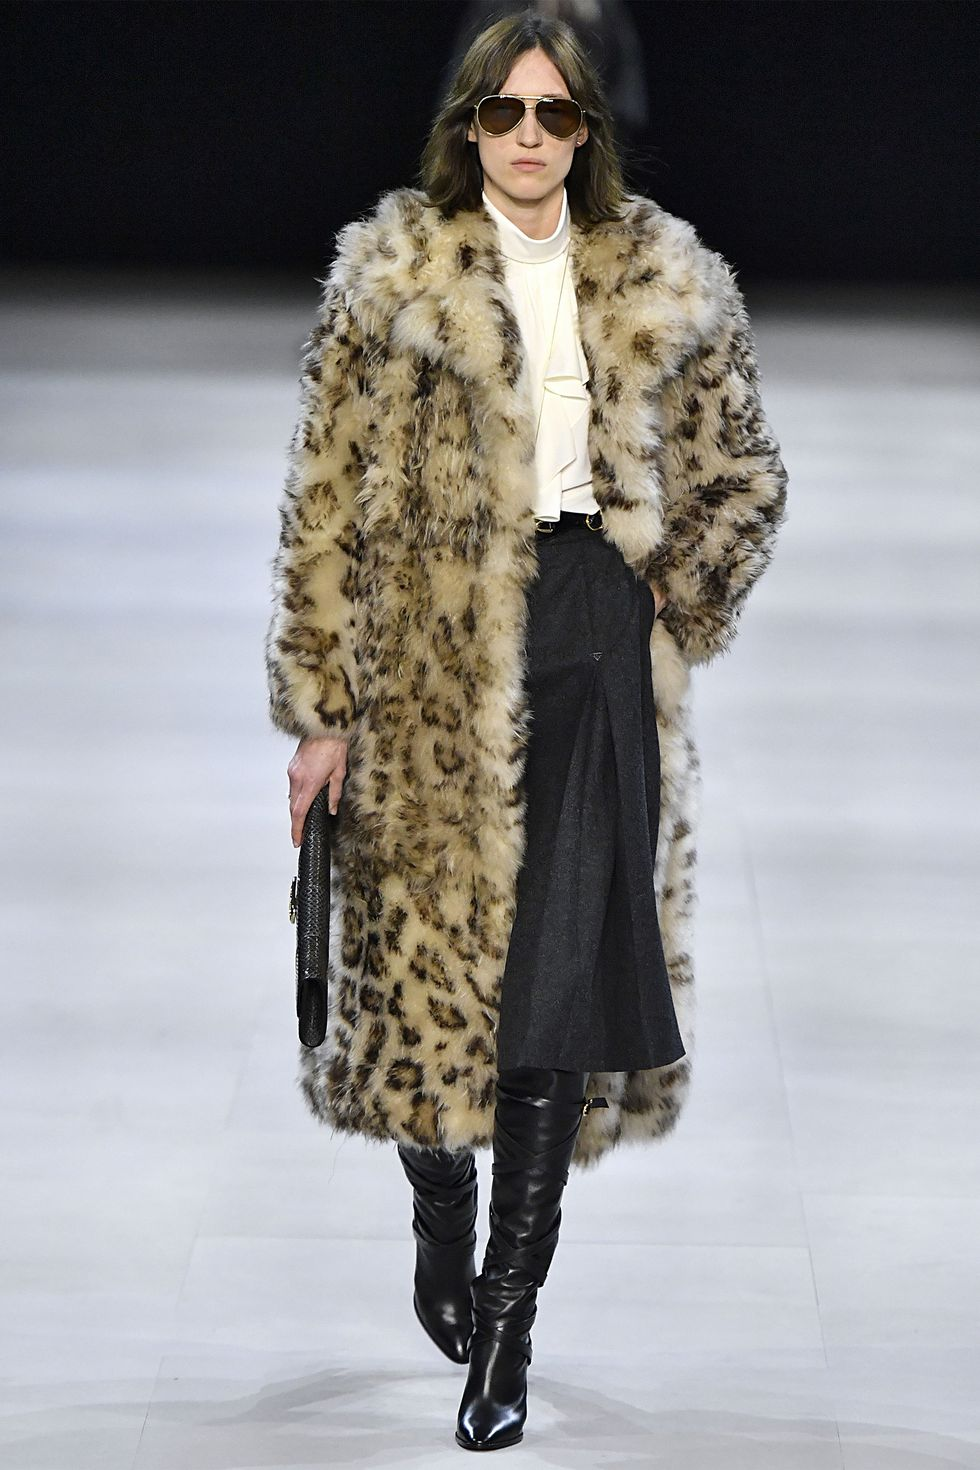 Девушка в шубе с леопардовым принтом, миди юбка и черные сапоги